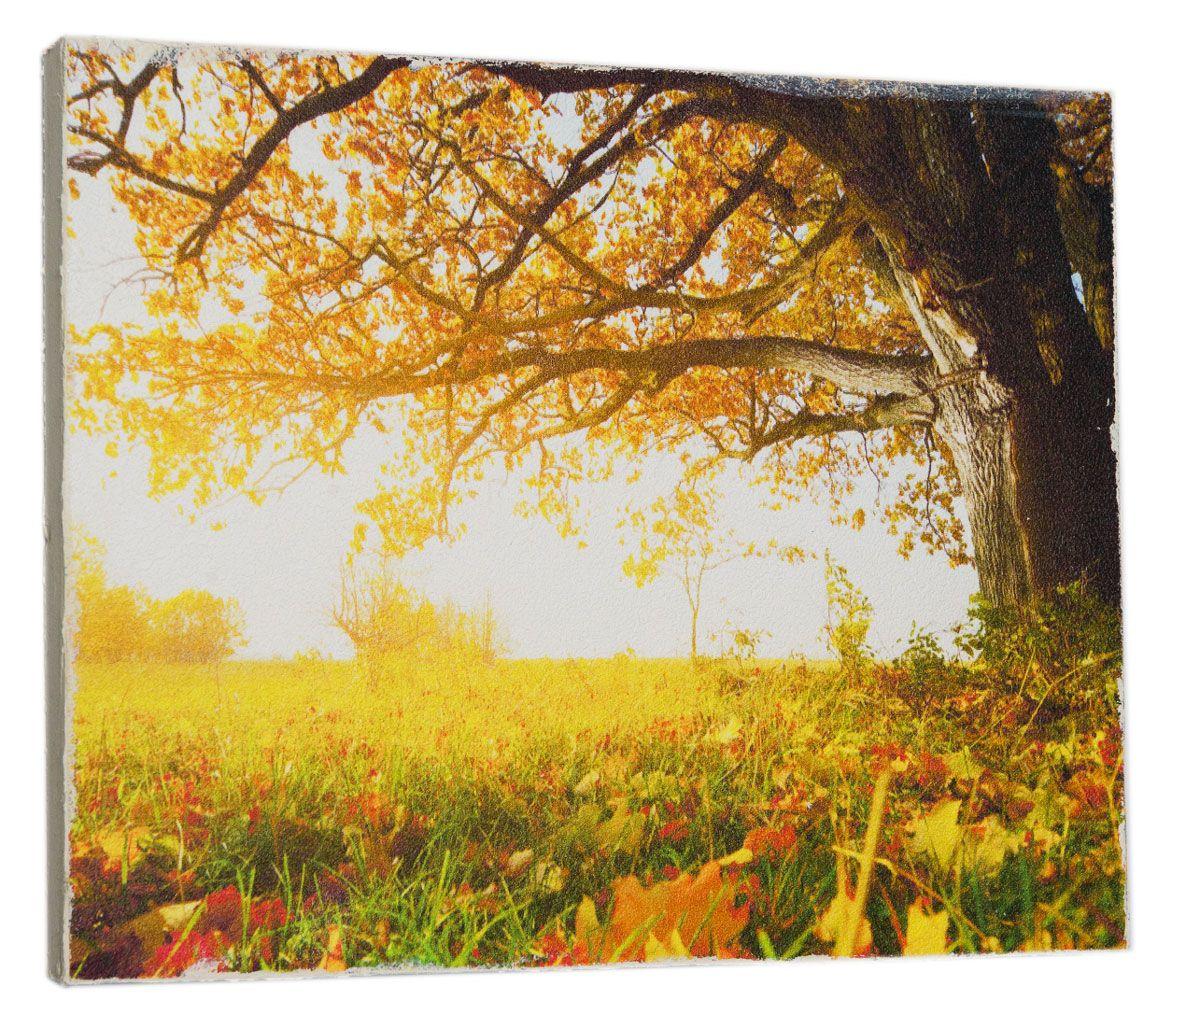 Картина Mister Poster Осеннее опавшее дерево, 32 х 24 см0313-24-32Картина Mister Poster - это высококачественная репродукция на деревянной раме. Лицевая поверхность имитирует штукатурку или натуральный холст, края окрашены вручную специальным декоративным составом.Современные технологии, уникальное оборудование и оригинальные чернила, используемые при изготовлении, делают постер устойчивым к выцветанию, а также гарантируют стойкость к воздействию негативных внешних факторов. Интерьер дома и офиса, в котором находится человек, в значительной степени влияет на его настроение и работоспособность. Правильное оформление интерьера создает благоприятный психологический климат, улучшает настроение и мотивирует. Добавьте «красок» в ваш интерьер и, возможно, в вашу жизнь.